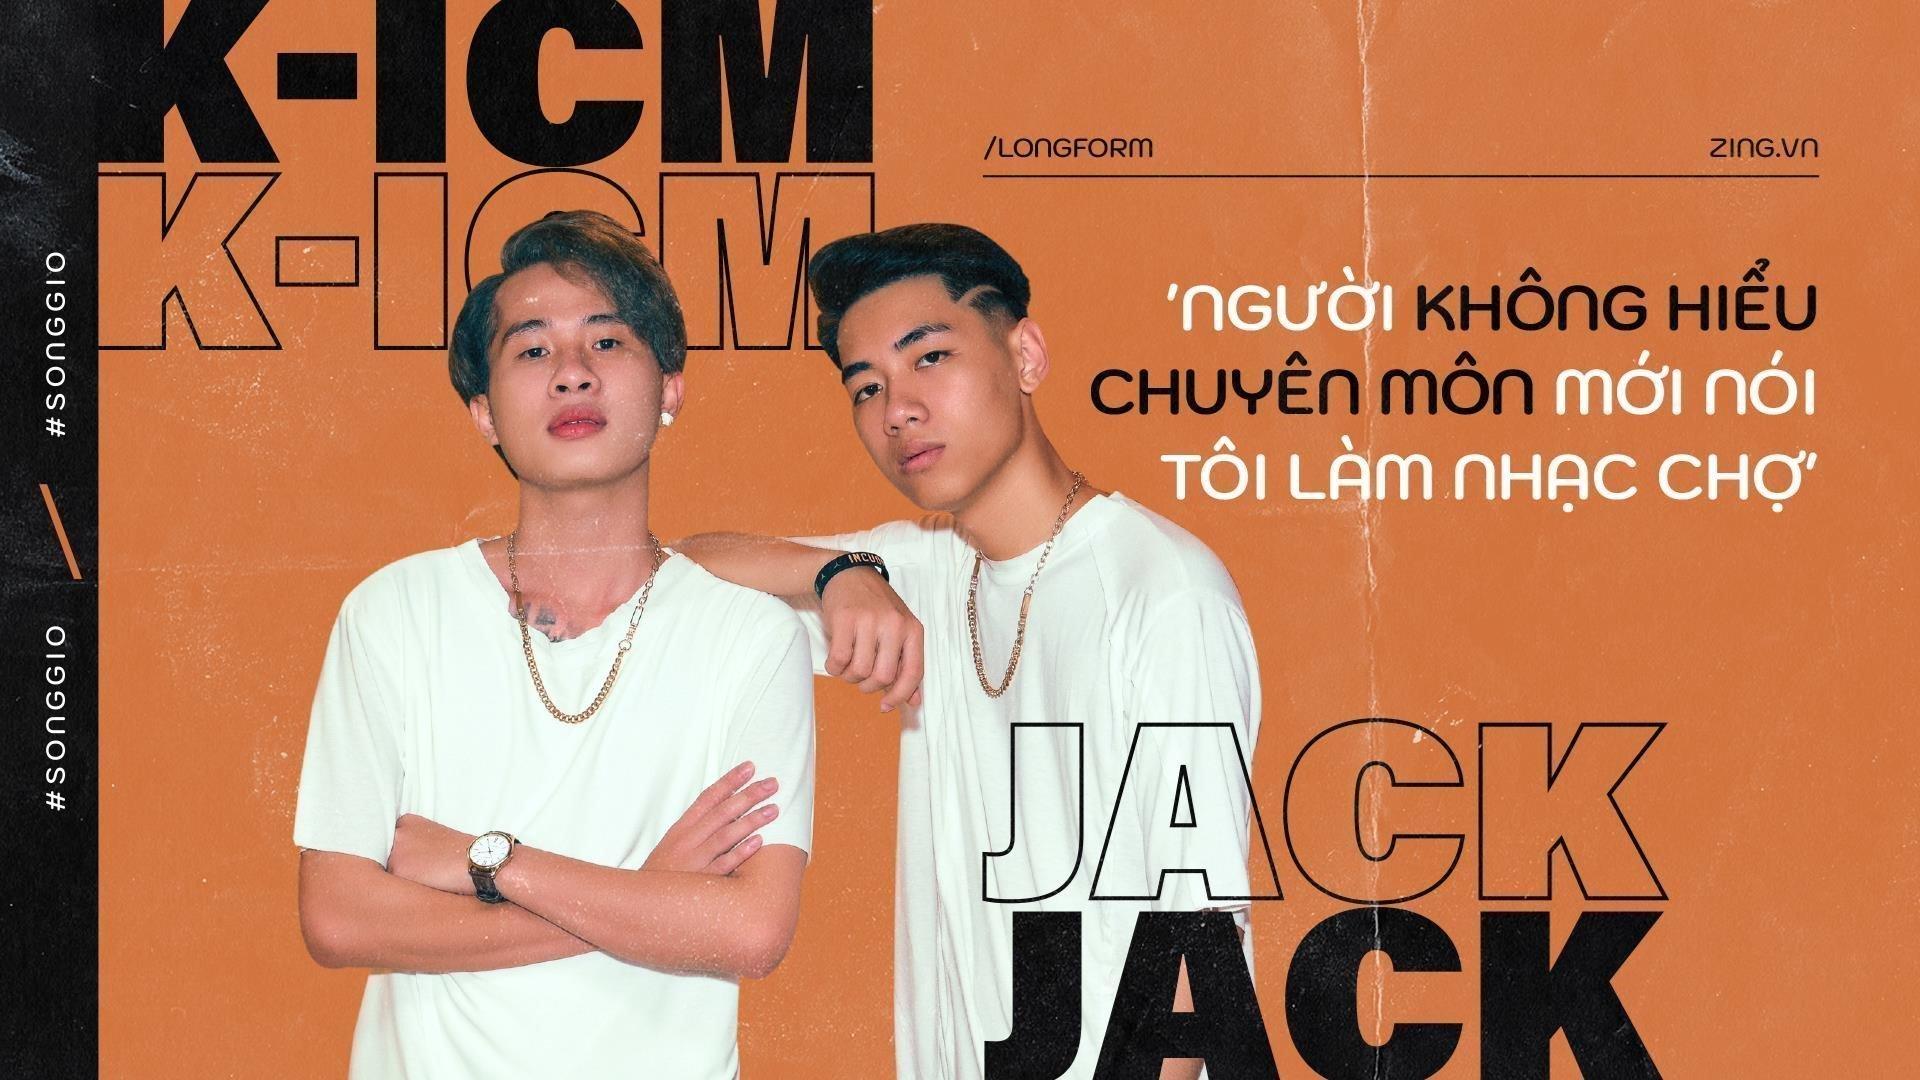 SÓNG GIÓ | K-ICM x JACK